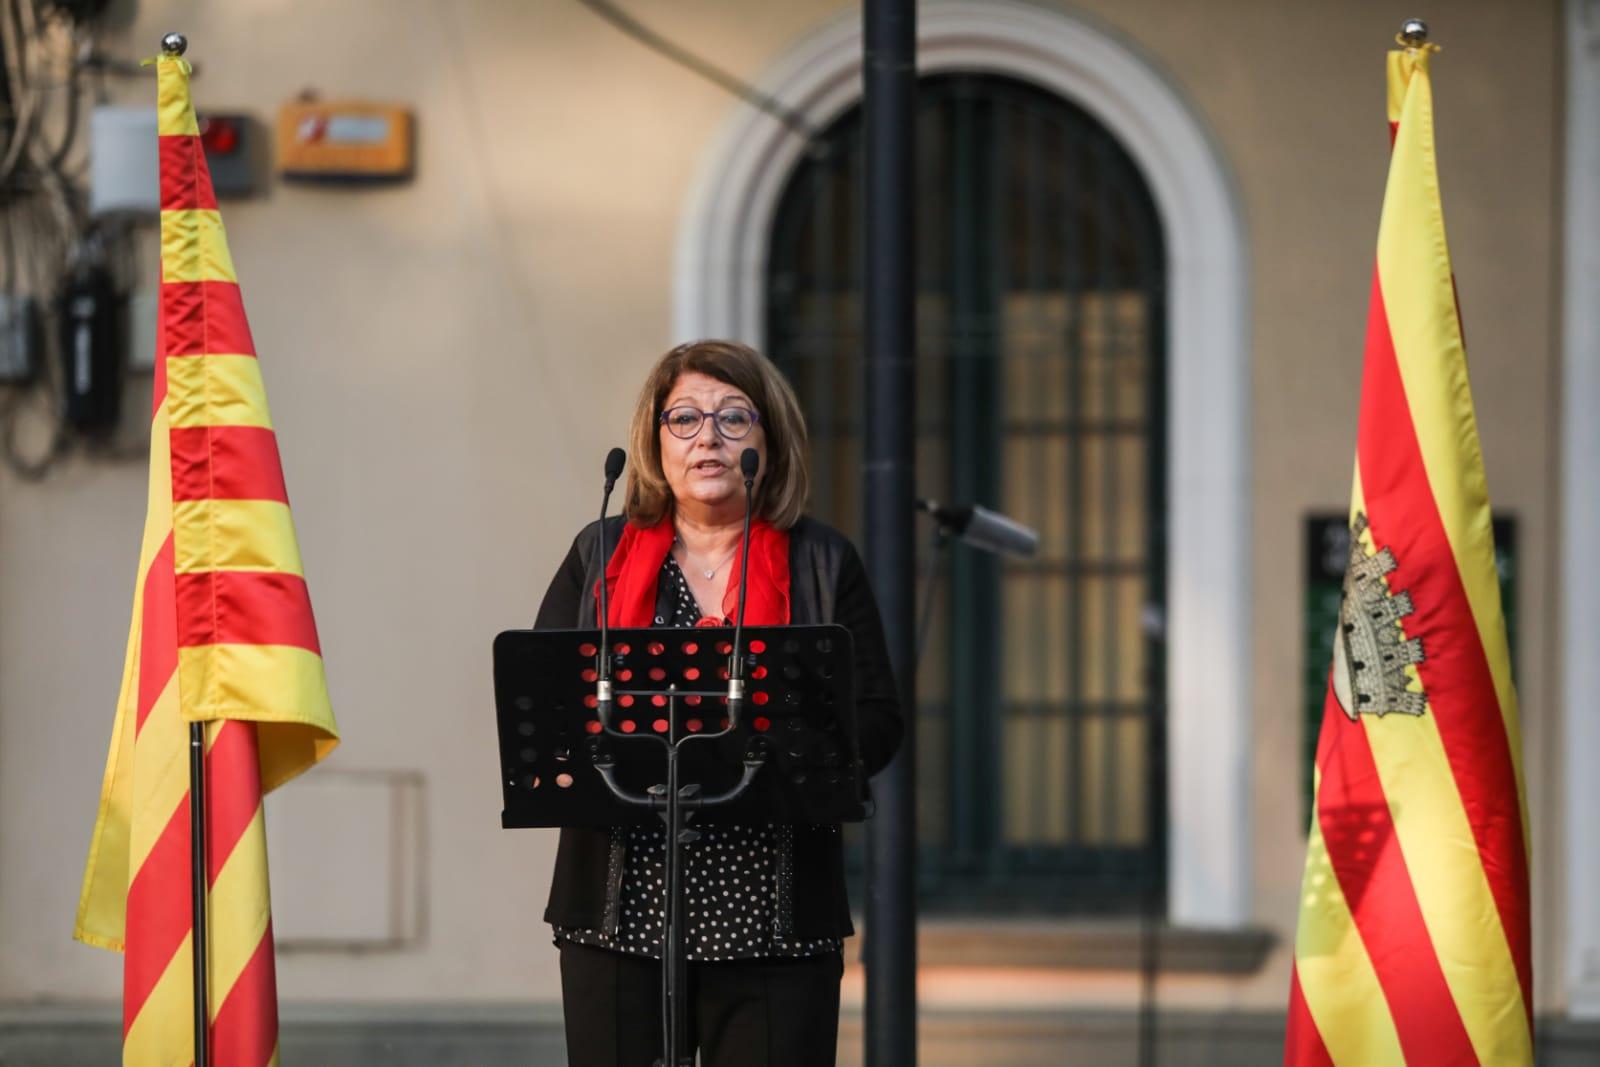 La regidora Pilar Gorina en l'acte d'homenatge a la II República i a la figura de l'alcalde Roc Codó. FOTO: Lali Puig